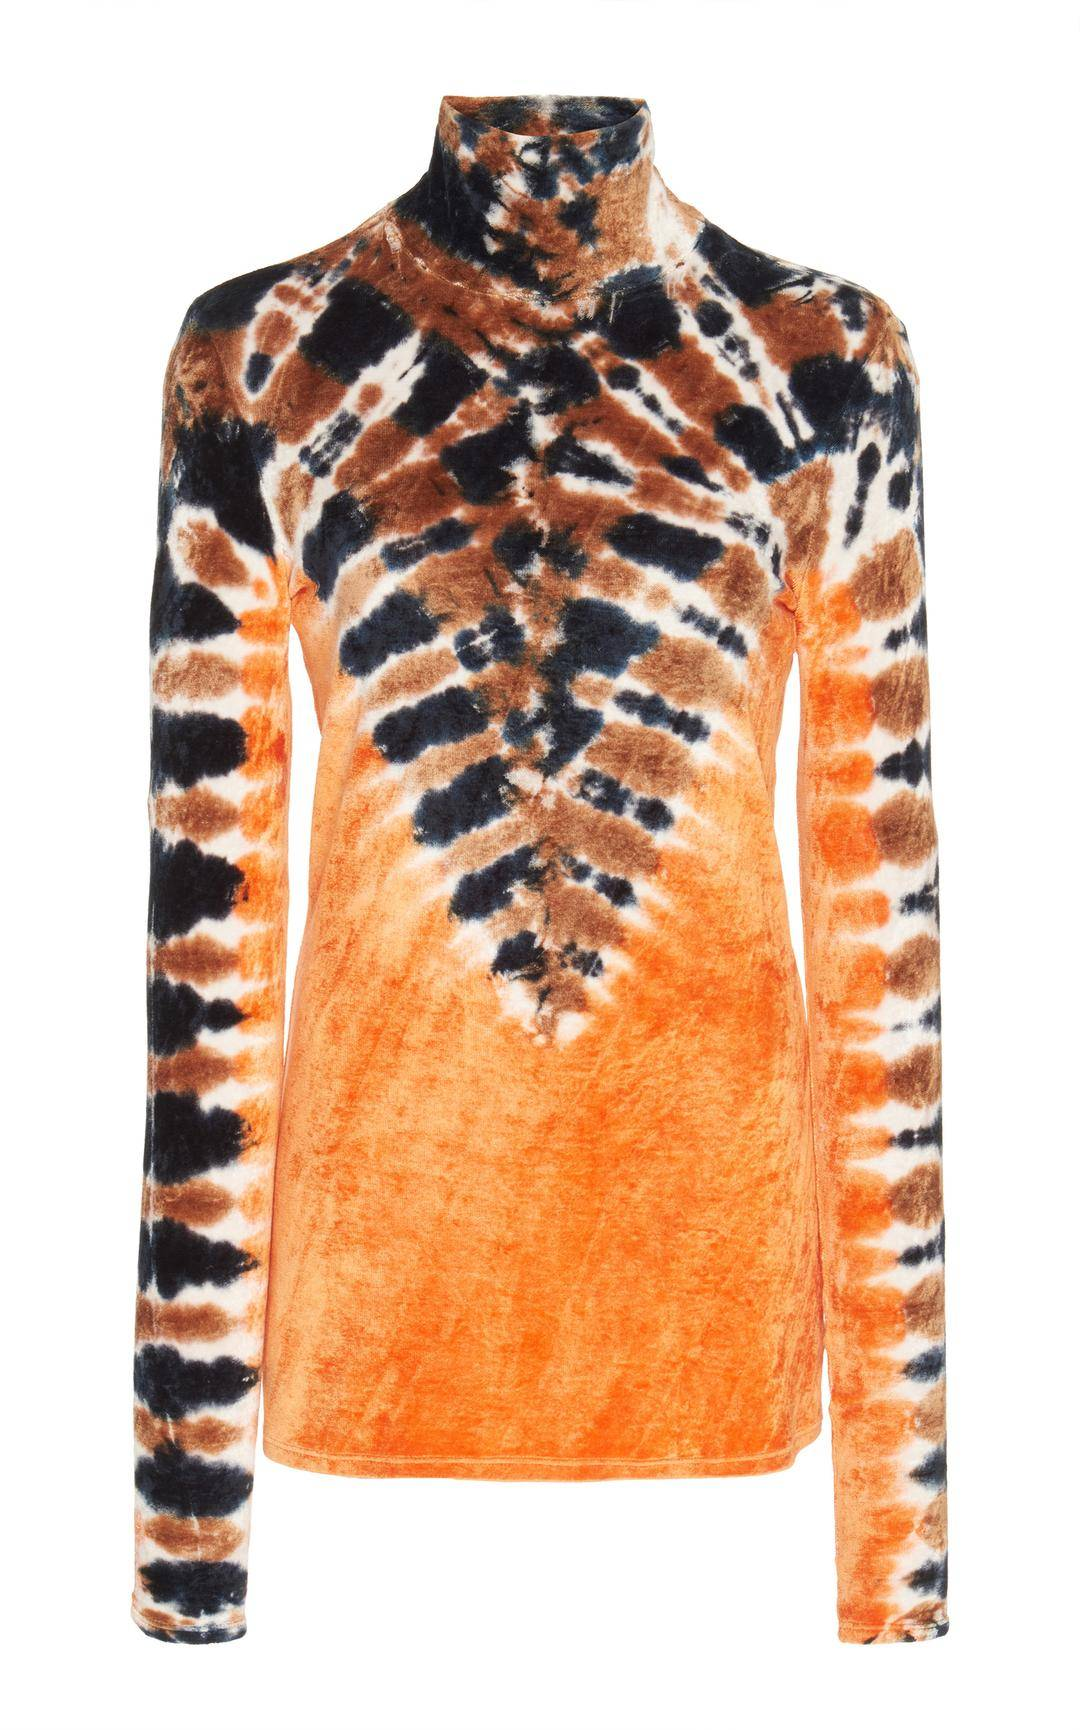 زشتترین ترندهای پوشاک پاییزی - بالا تنه بافت و طراحی زشت